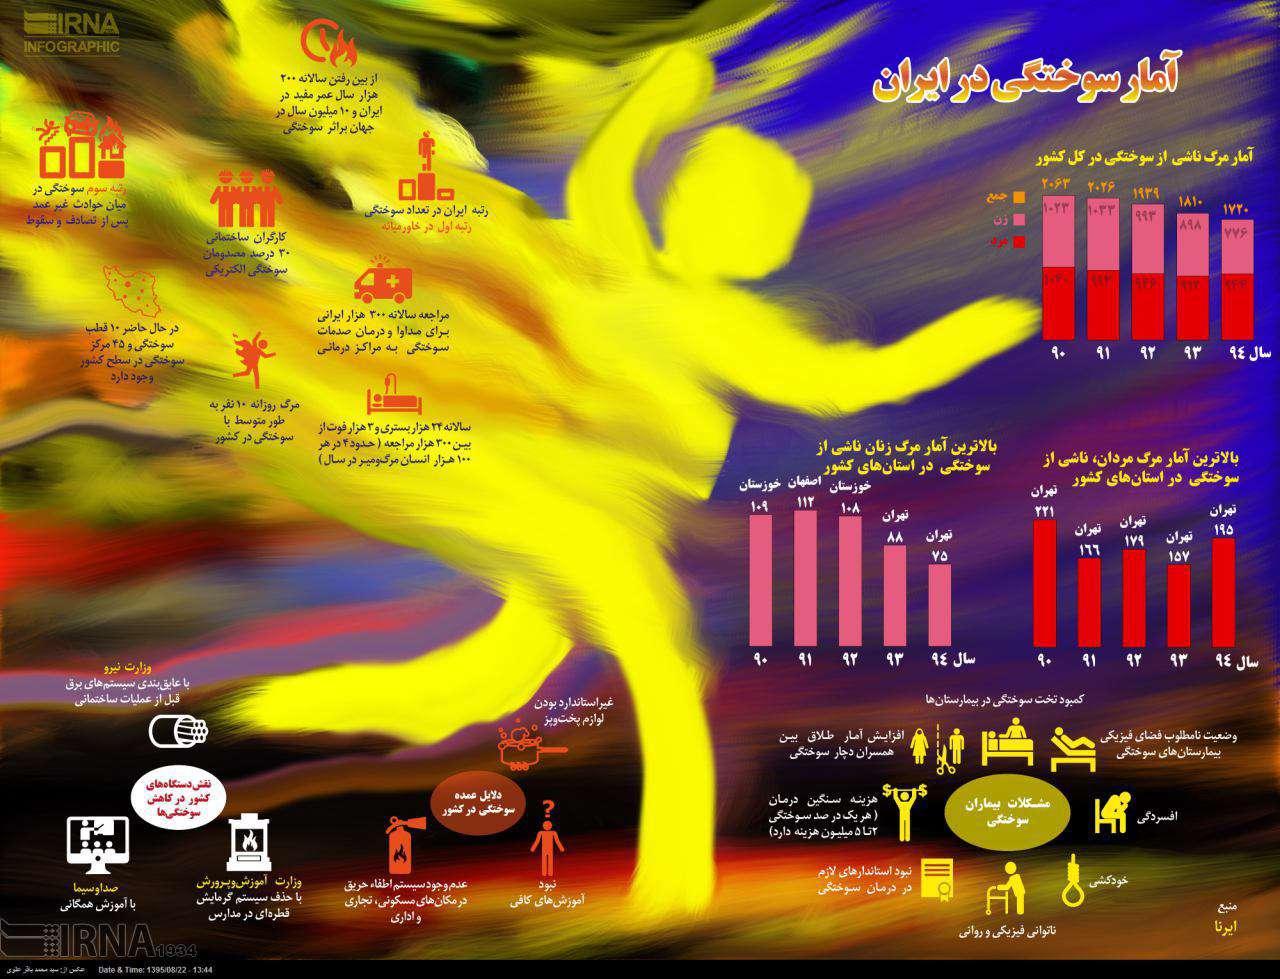 آمار سوختگی در ایران